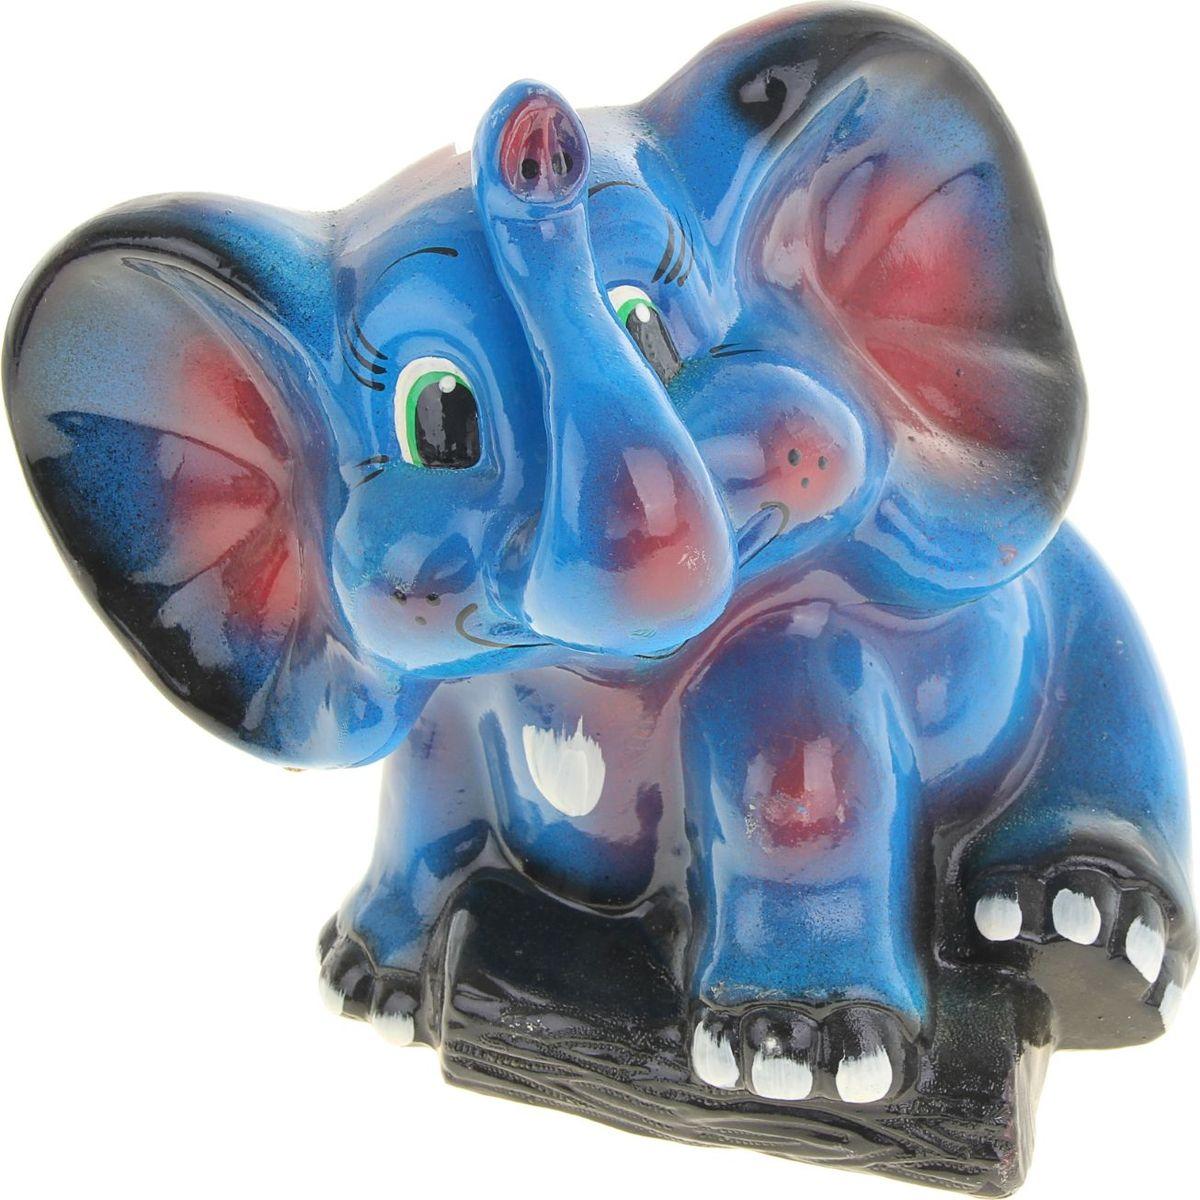 Копилка Керамика ручной работы Слон, 23 х 18 х 24 см1049490Мечтаете накопить на отпуск? Поставьте себе цель, кидайте в копилку купюры покрупнее и вперёд! Слон олицетворяет мудрость, неуязвимость и надёжность. Это животное обладает невероятной силой, но одновременно является терпеливым и миролюбивым. Изделие в виде этого млекопитающего сохранит в доме любовь и поможет улучшить благосостояние.Обращаем ваше внимание, что копилка является одноразовой.